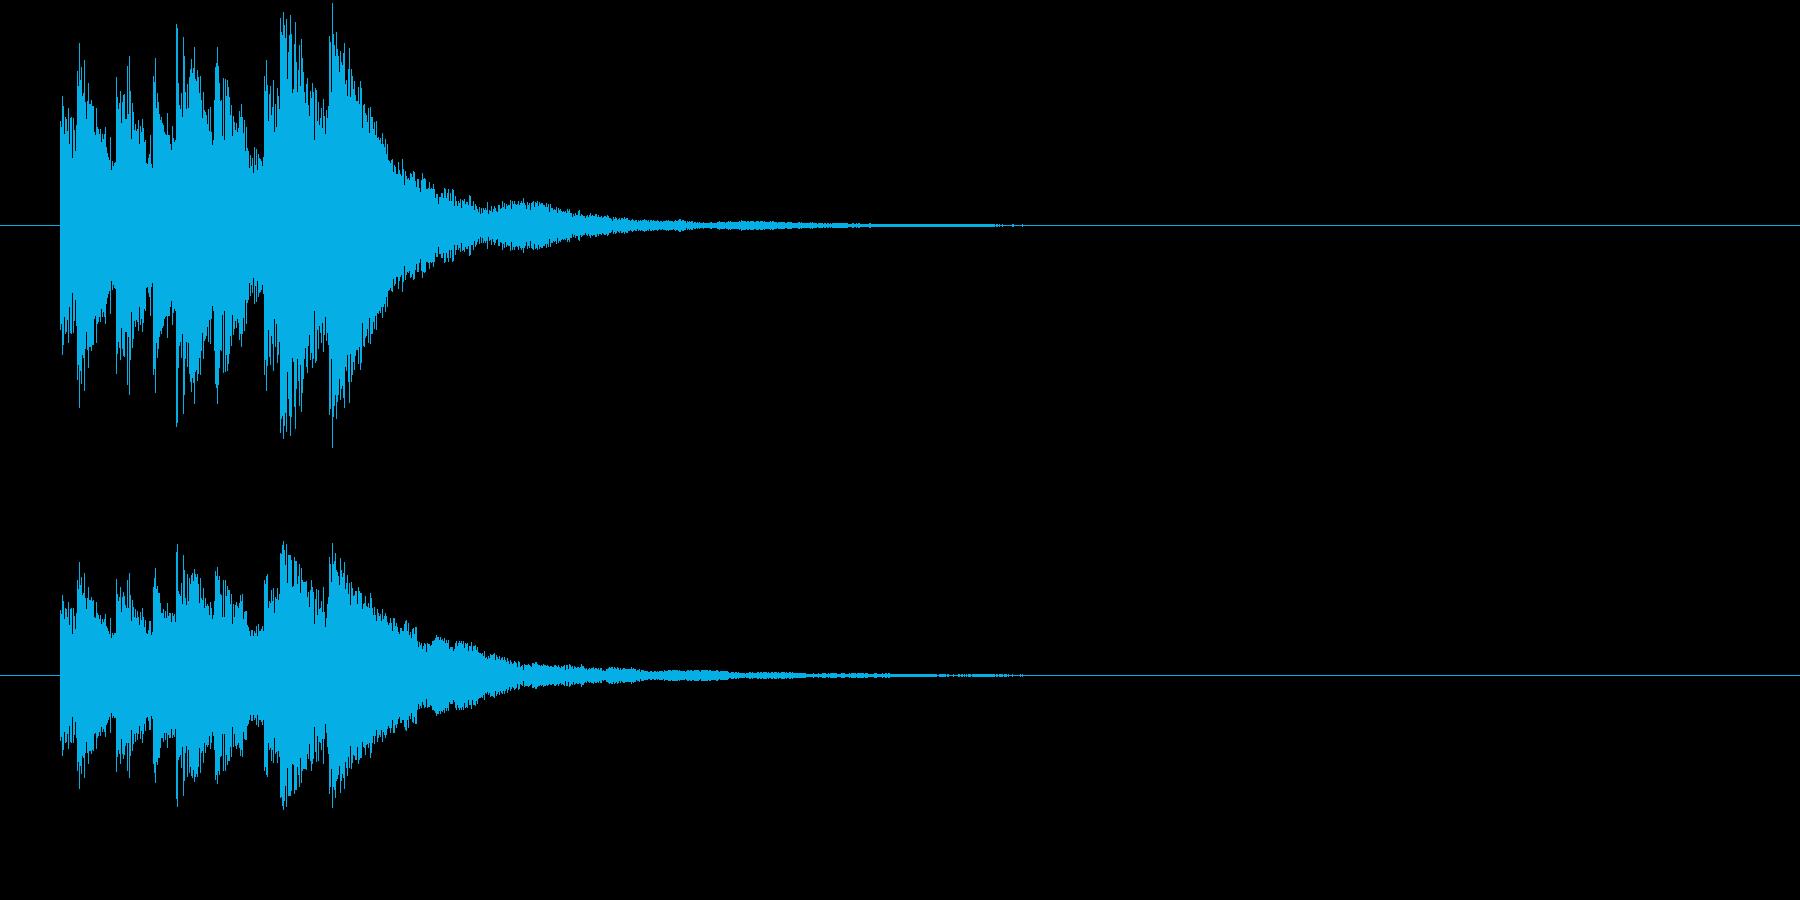 キラリン キラキラ 星 グロッケンの再生済みの波形